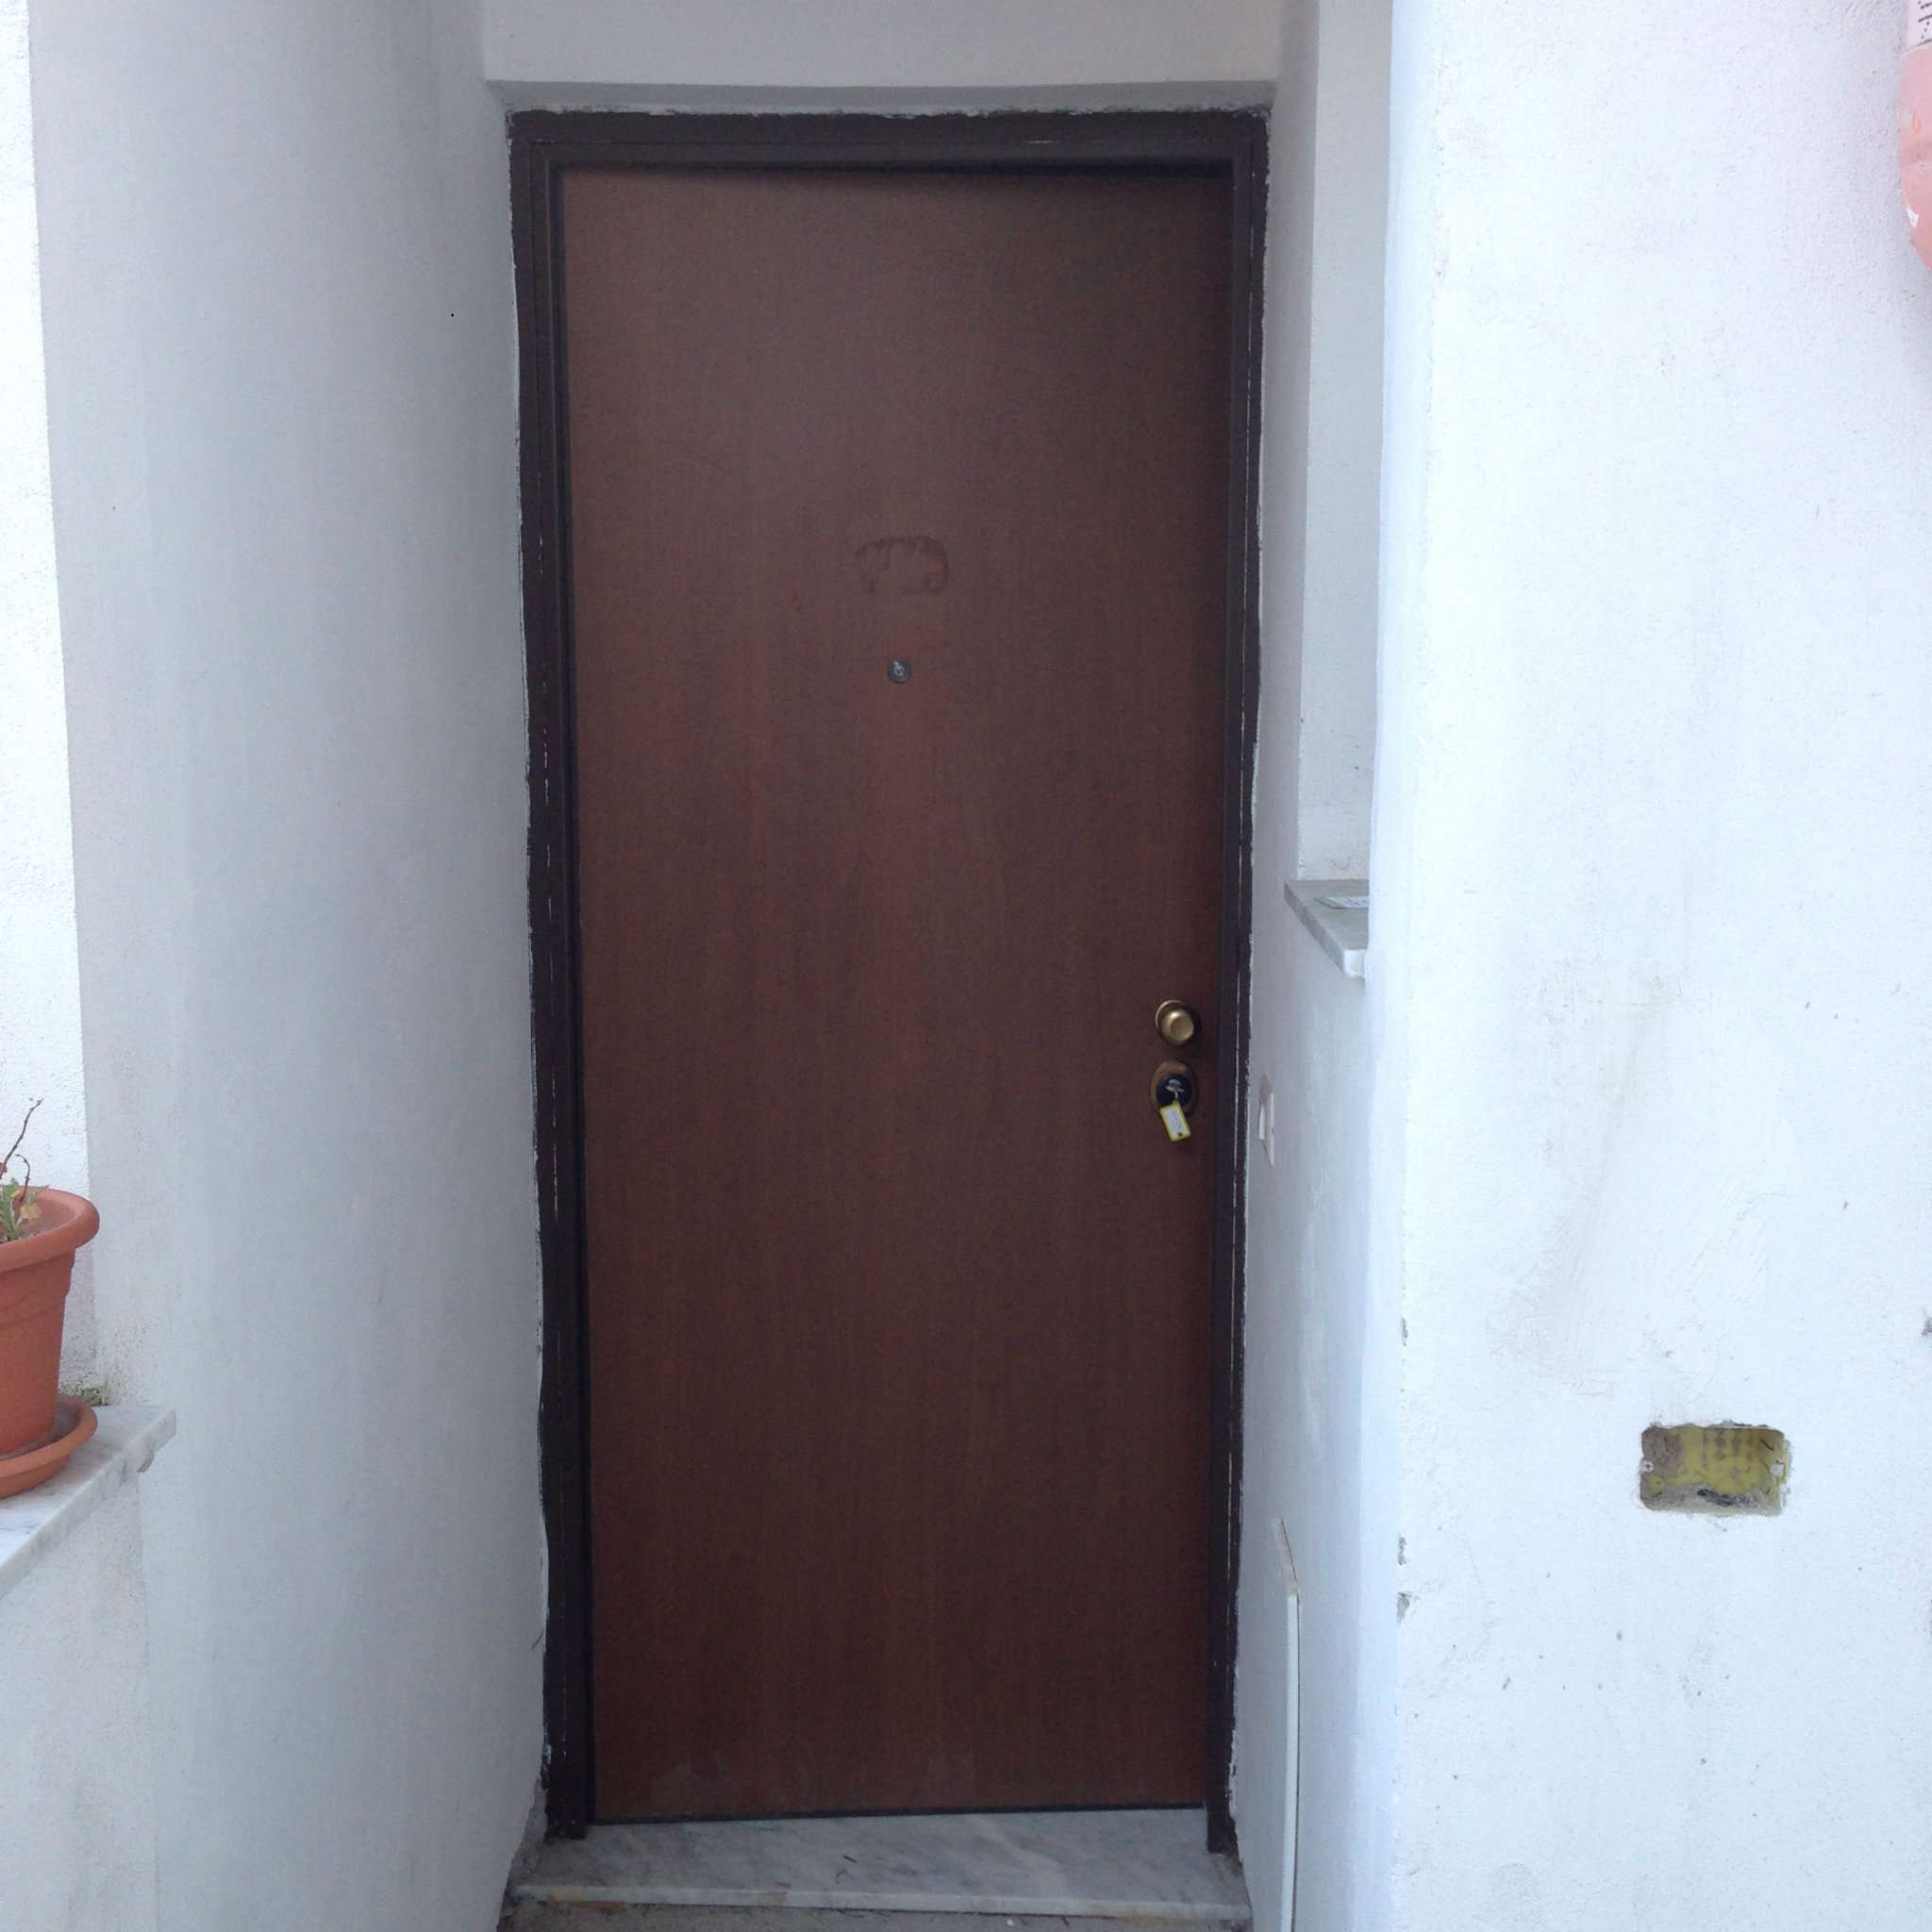 Appartamento in vendita a Castellammare di Stabia, 2 locali, prezzo € 70.000 | CambioCasa.it